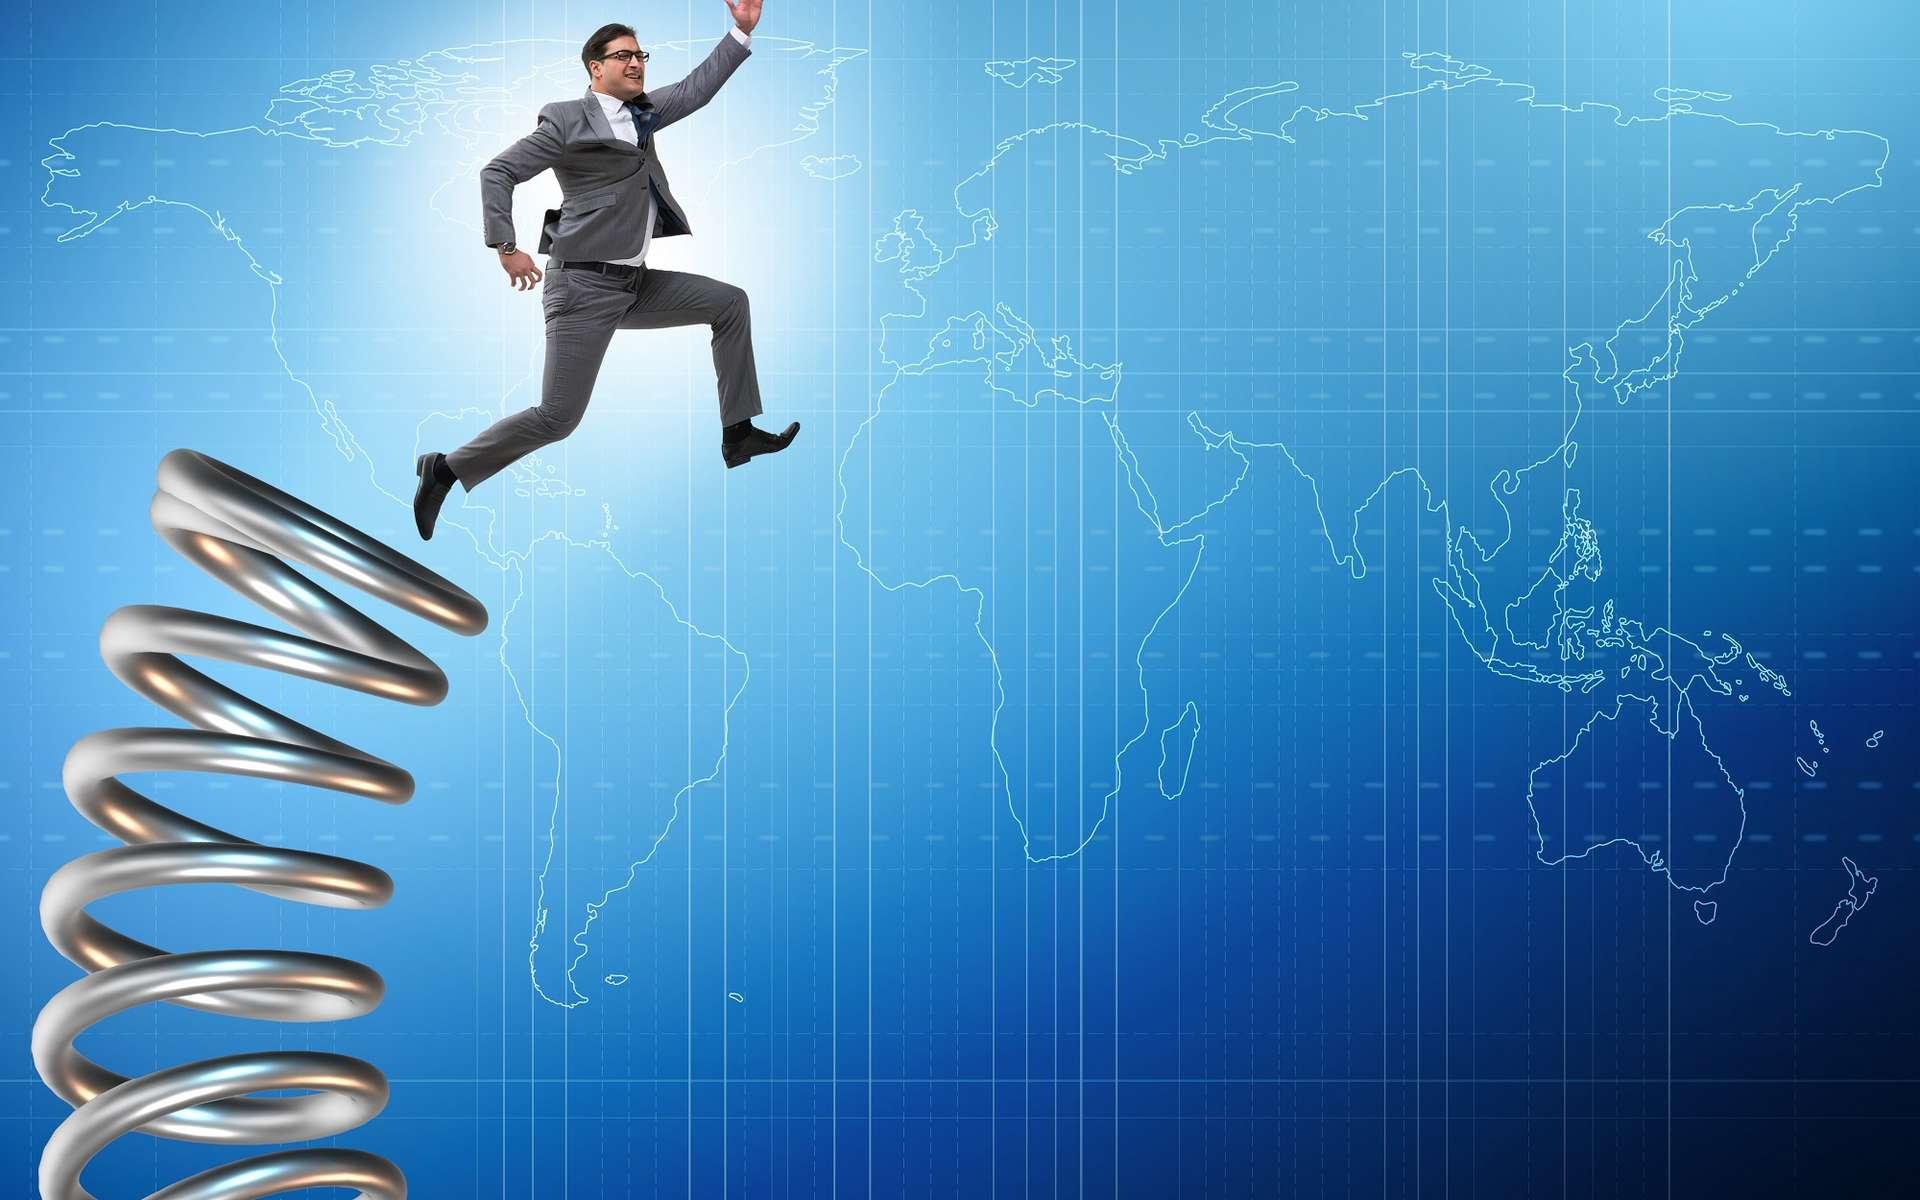 Les profils à double compétence sont de plus en plus recherchés par les entreprises car ils allient compétences techniques et managériales. © Elnur, Adobe Stock